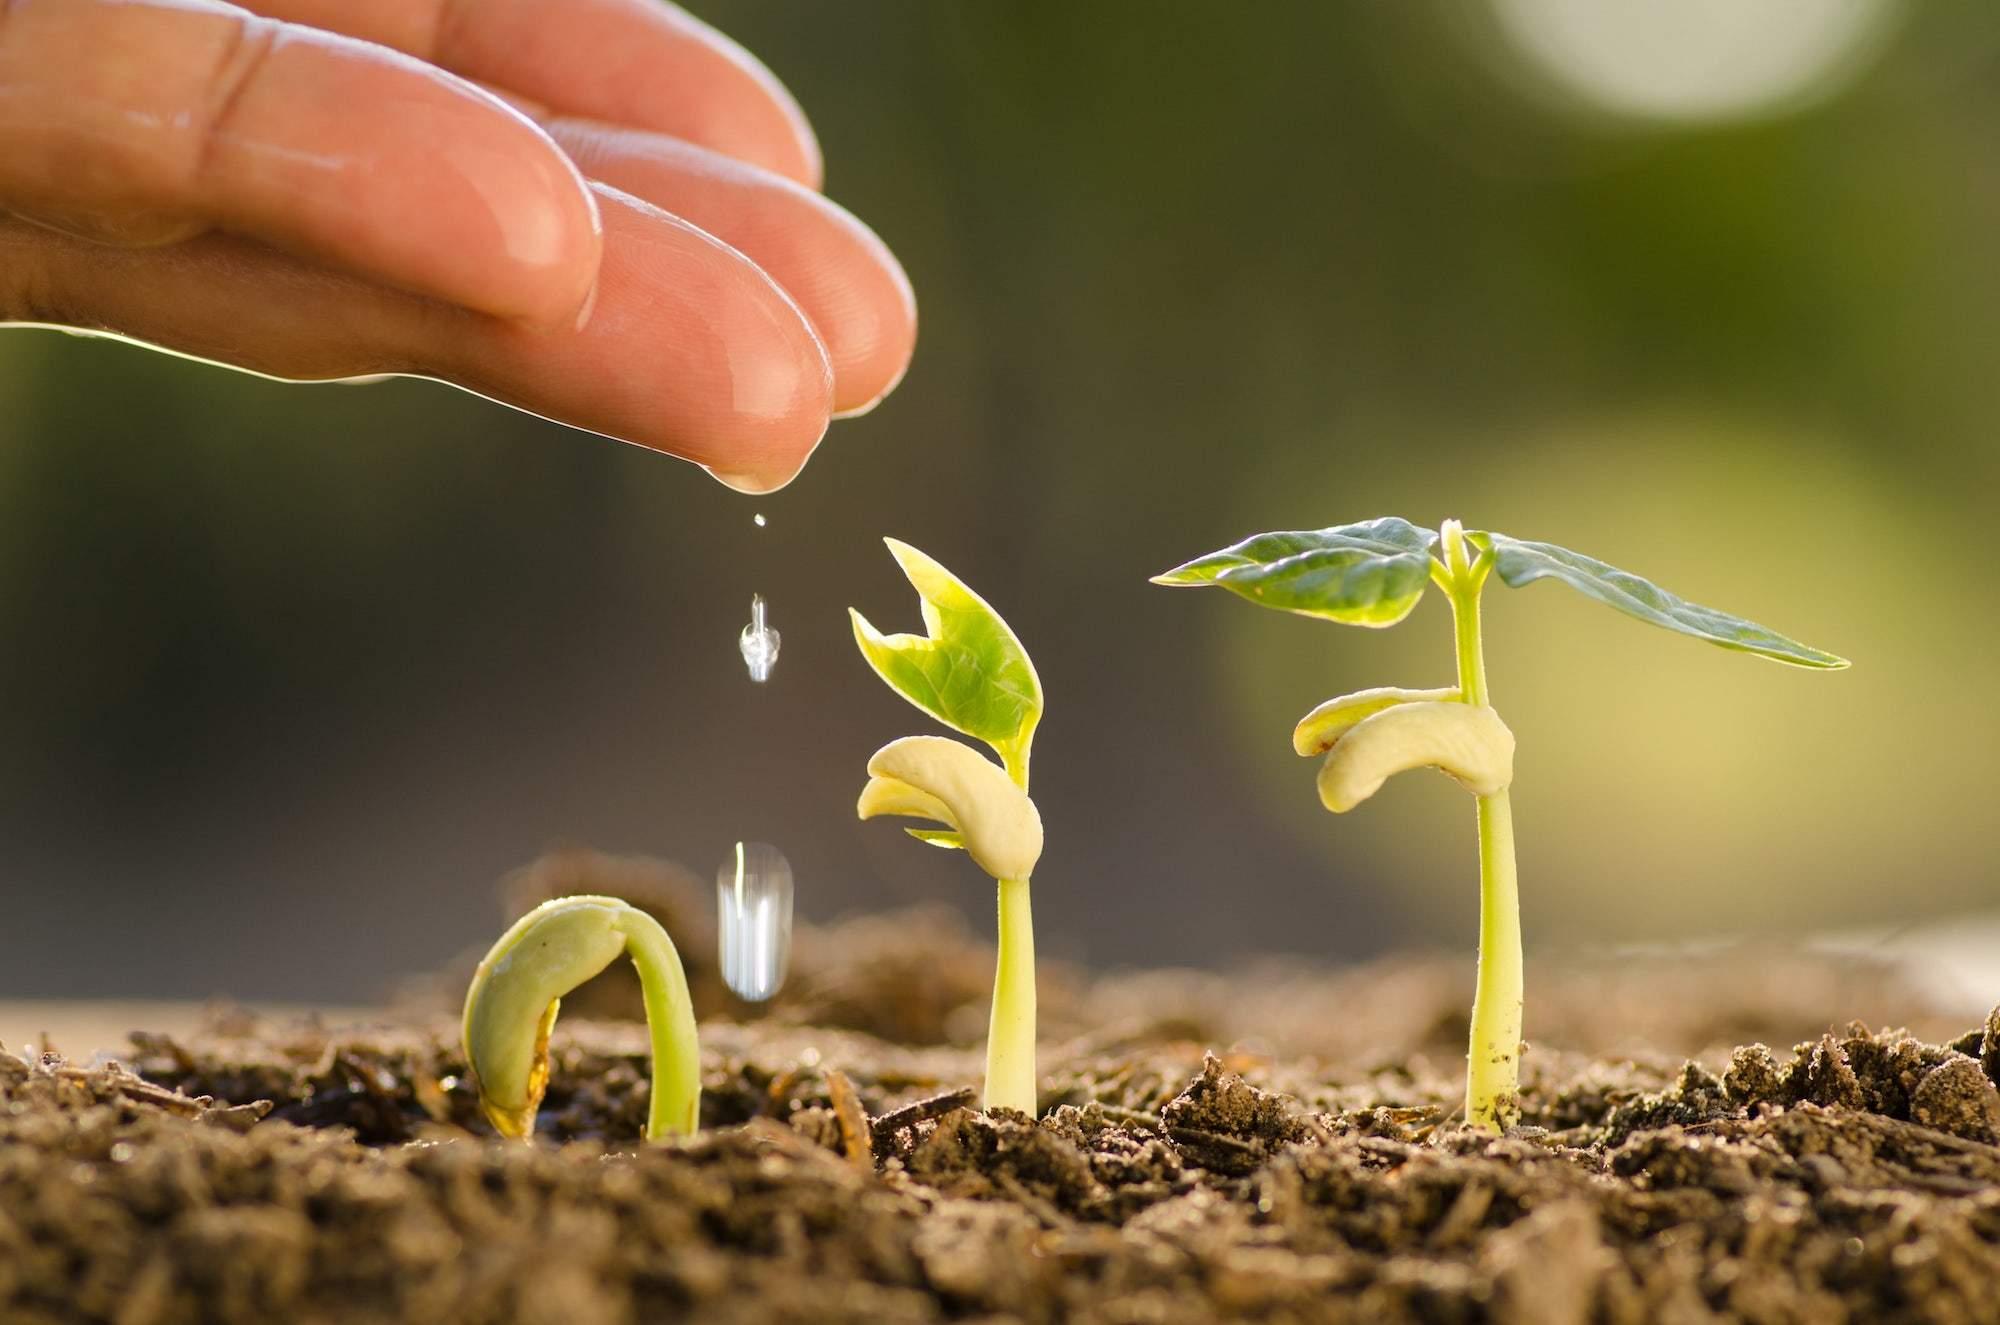 Da piccolo seme a germoglio di una nuova vita | Dipendiamo.blog